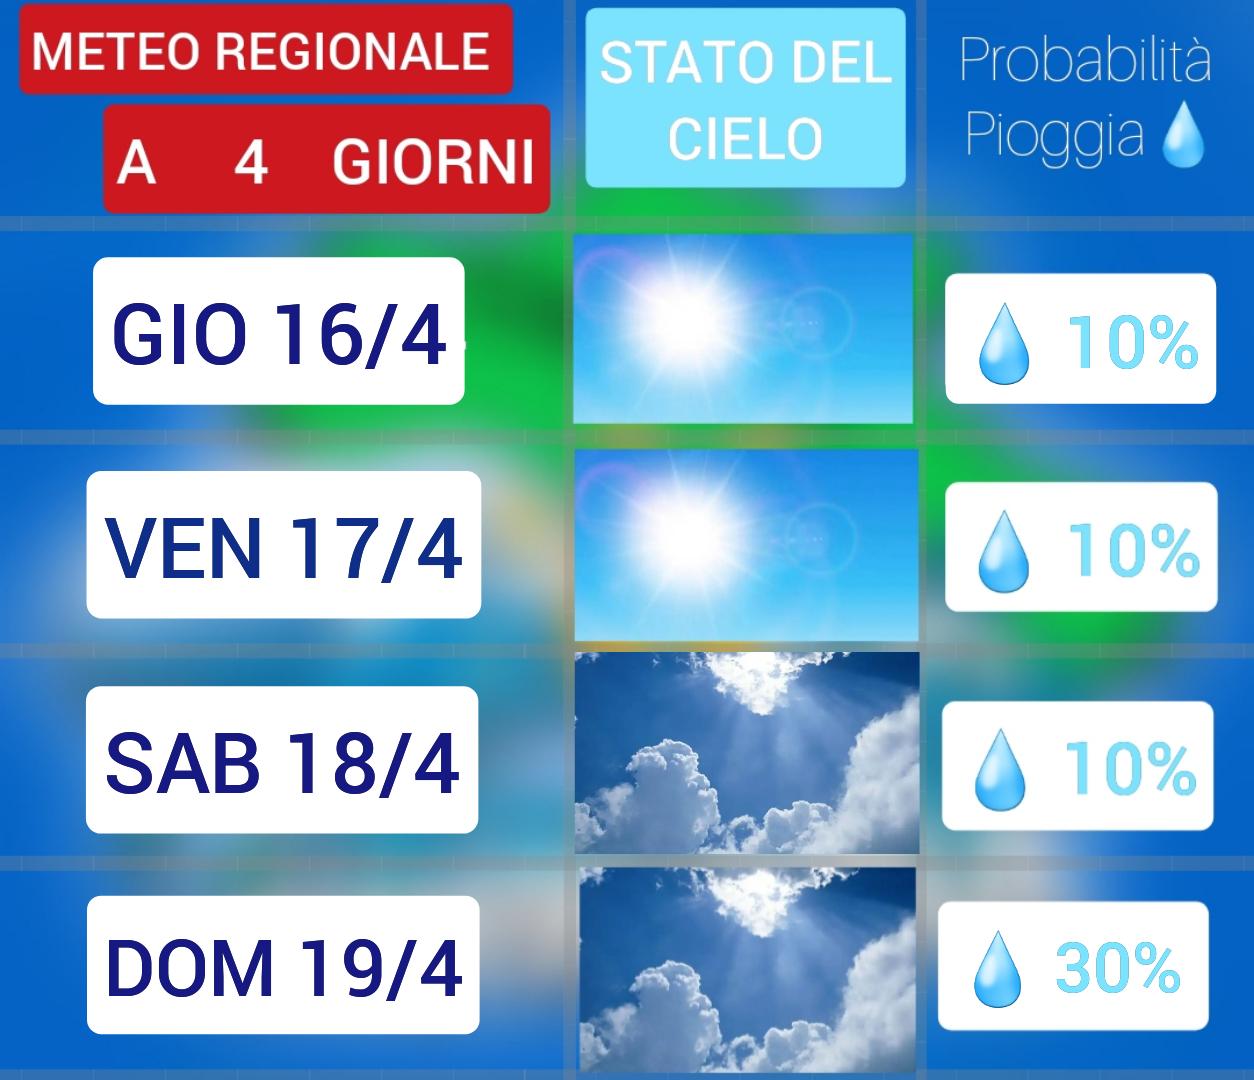 Bel tempo per i prossimi giorni, weekend più caldo.